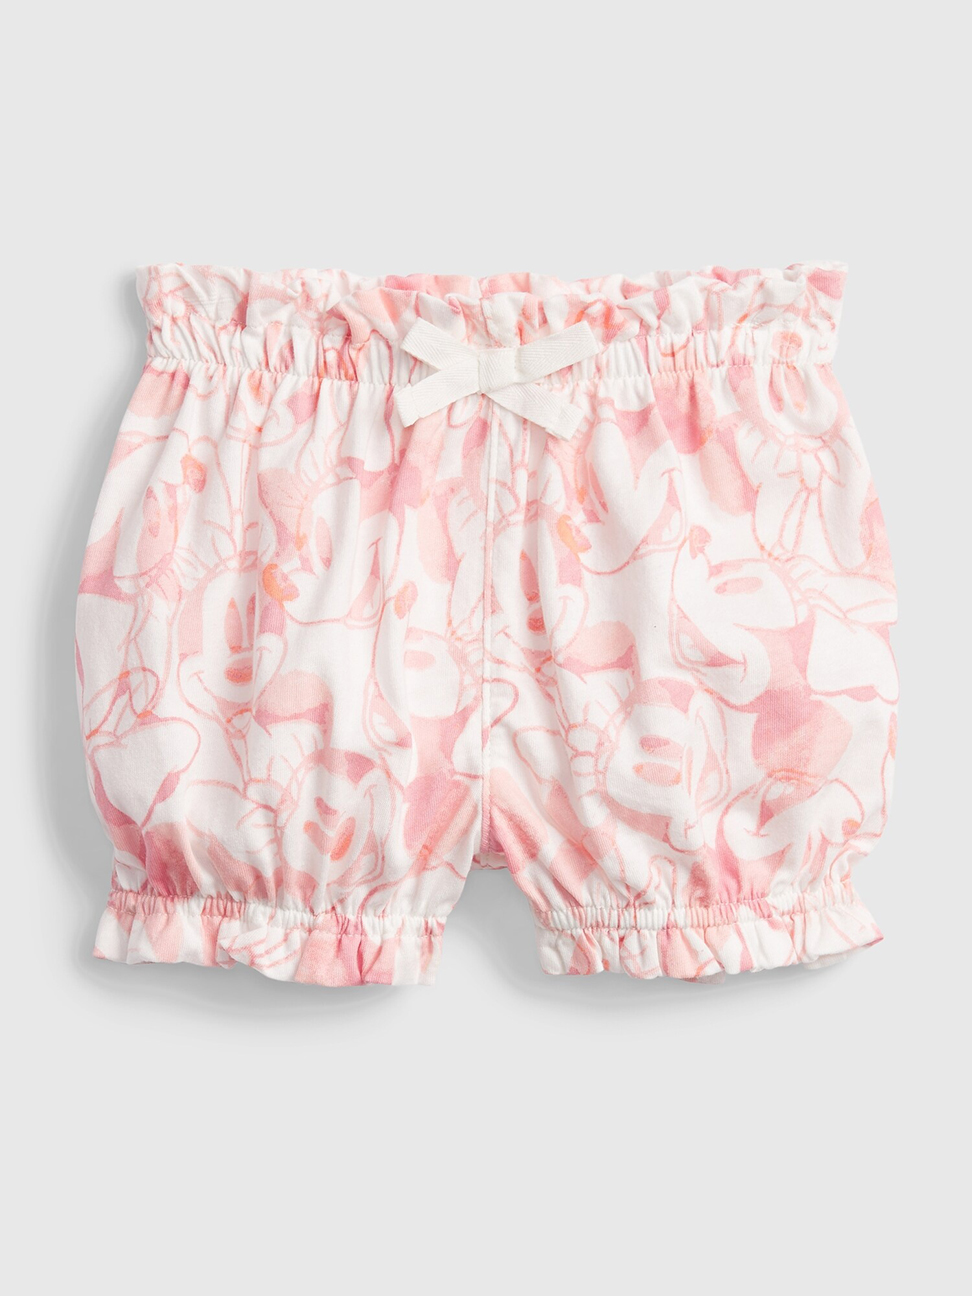 嬰兒 Gap x Disney 迪士尼系列純棉短褲